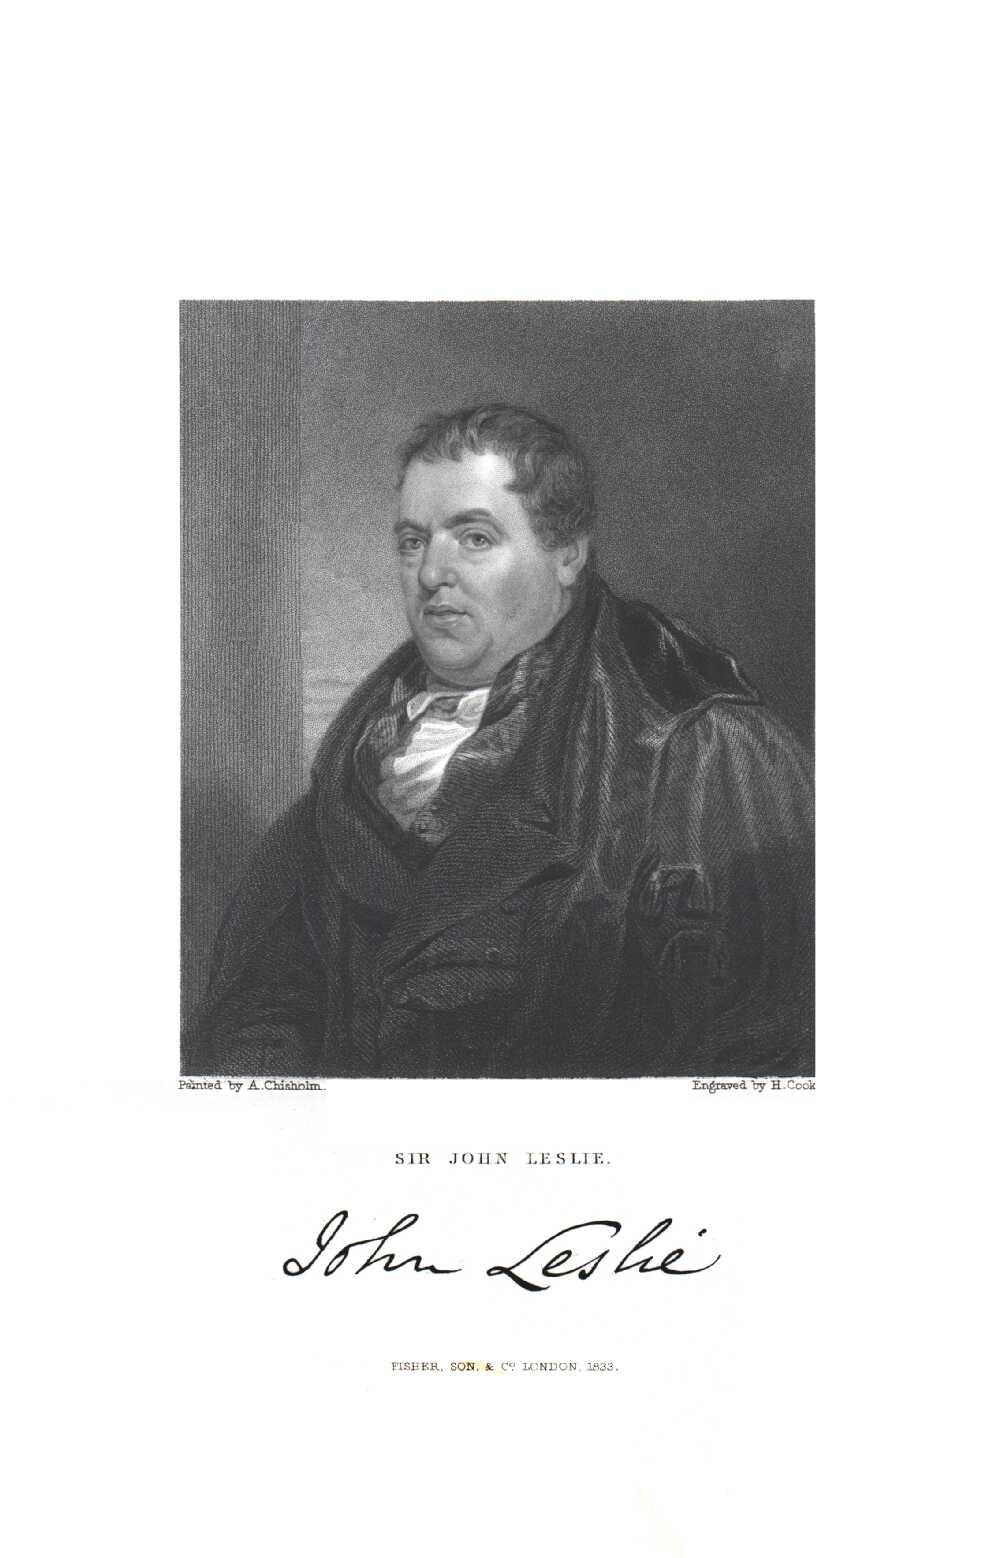 Portrait of John Leslie,  Image number:SIL14-L003-12a